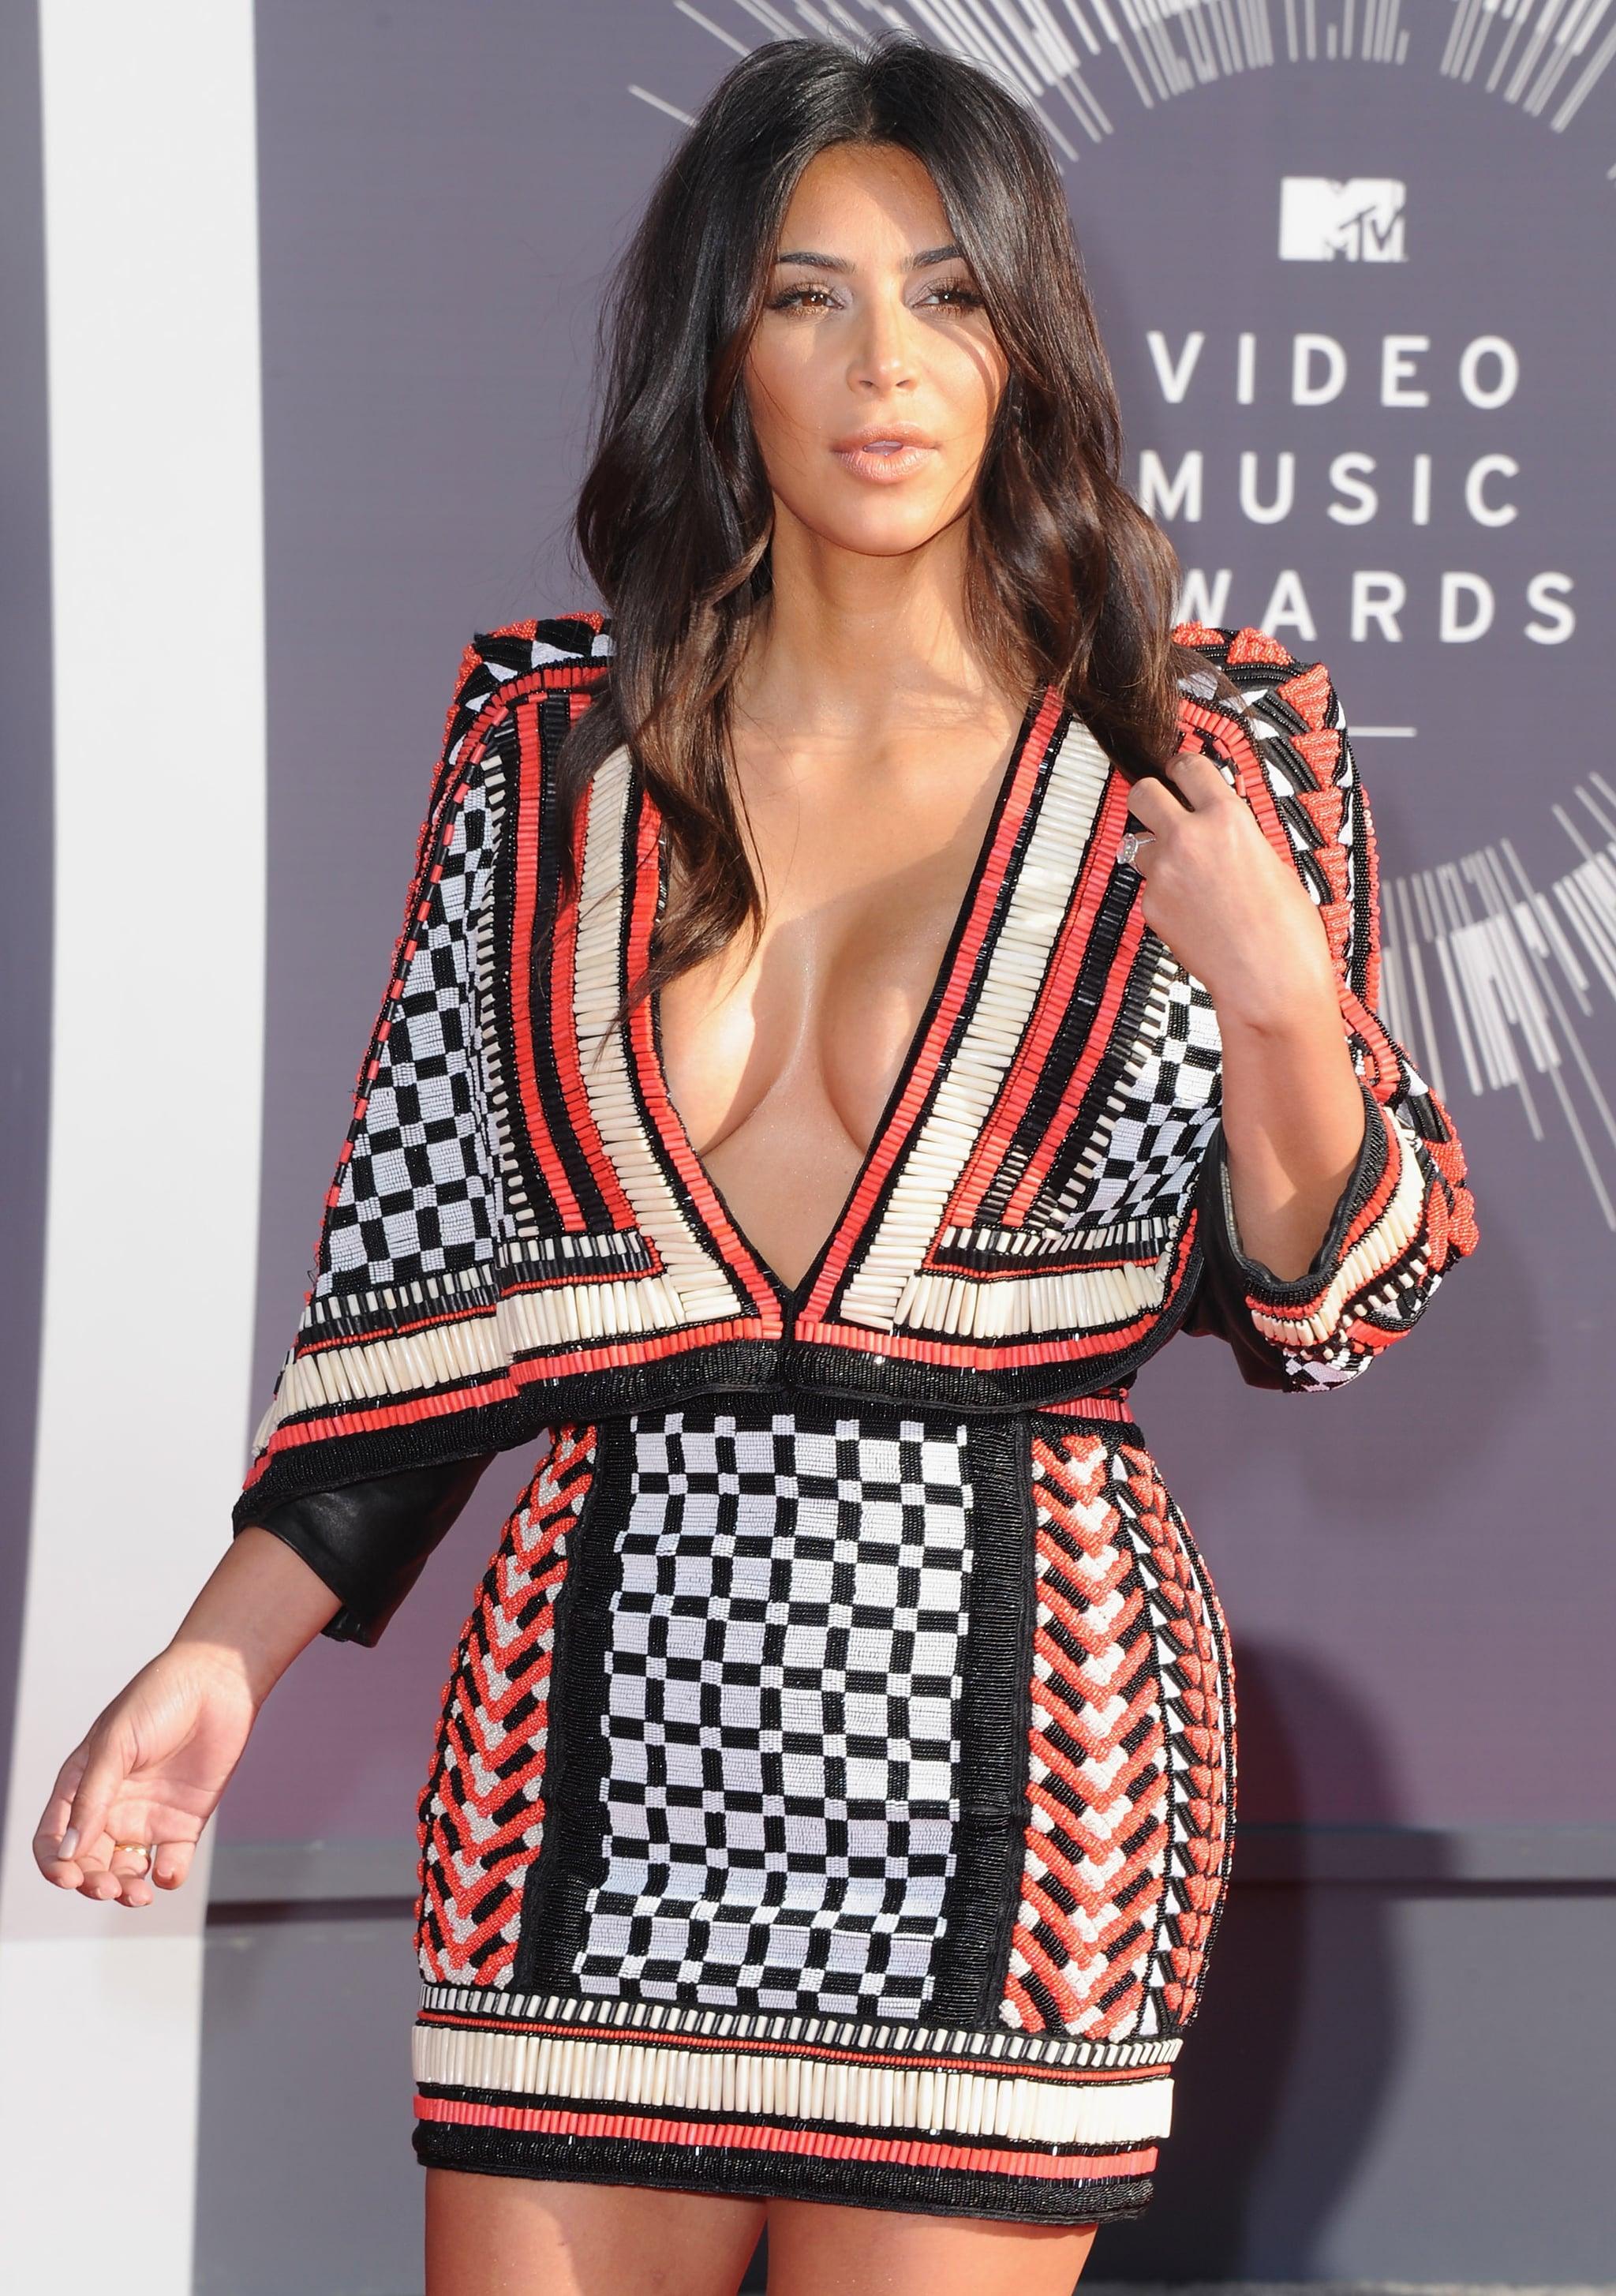 Exhibit 1: The Dress